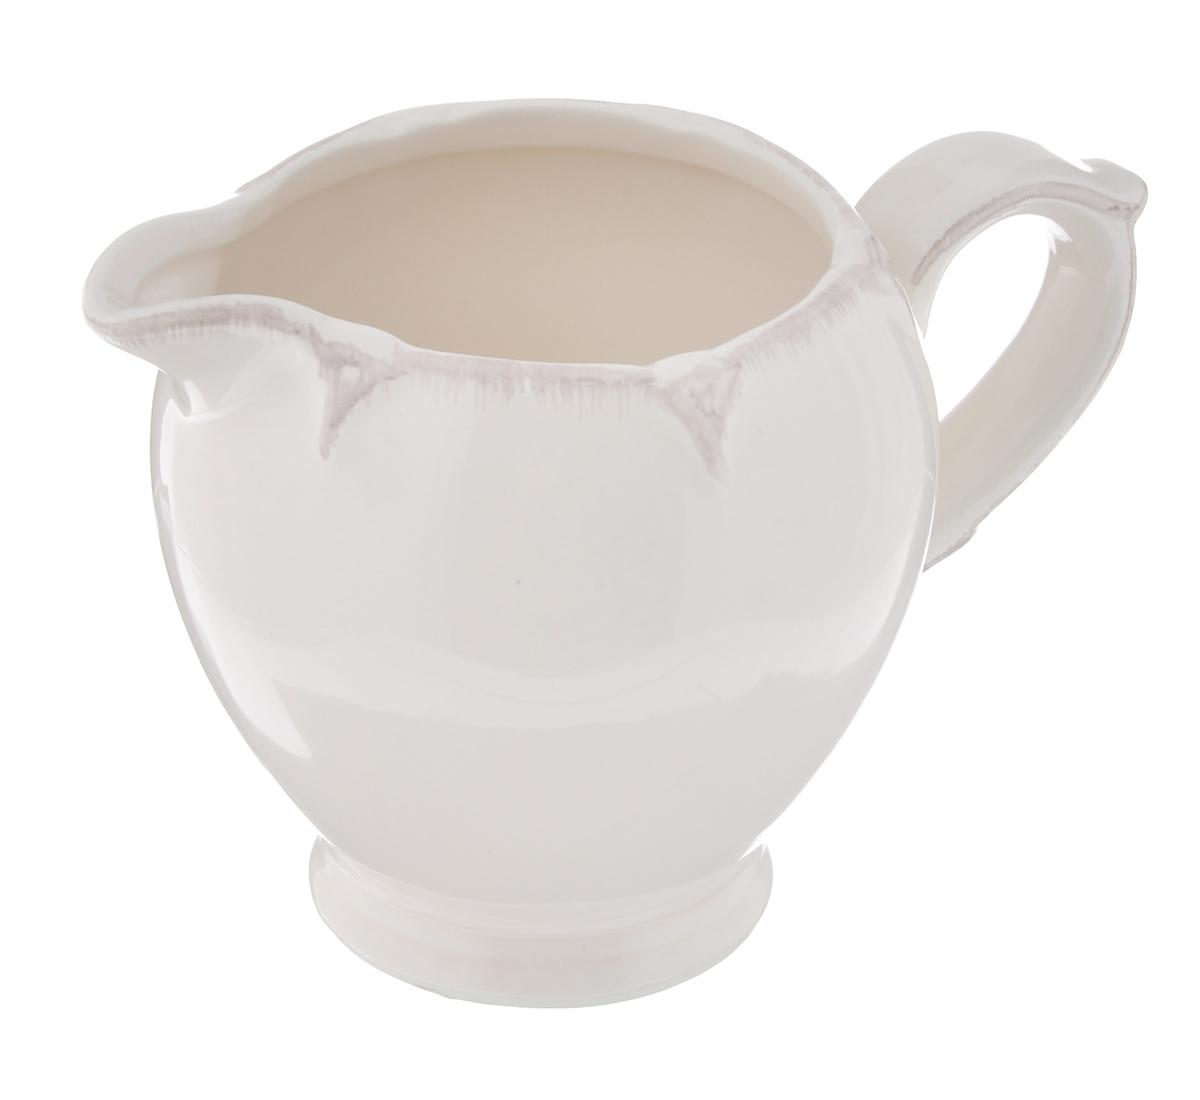 Молочник Лилло Ideal, 250 млVS-1204Молочник Лилло Ideal выполнен из высококачественной керамики керамики. Изделие станет незаменимым аксессуаром для тех, кто любит пить кофе или чай с добавлением молока.Дизайн молочника придется по вкусу и ценителям классики, и тем, кто предпочитает утонченность и изысканность. Также молочник послужит приятным и практичным подарком. Он упакован в красочную картонную коробку.Диаметр молочника по верхнему краю: 7 см.Диаметр дна: 5,2 см.Высота молочника: 8,5 см.Объем молочника: 250 мл.